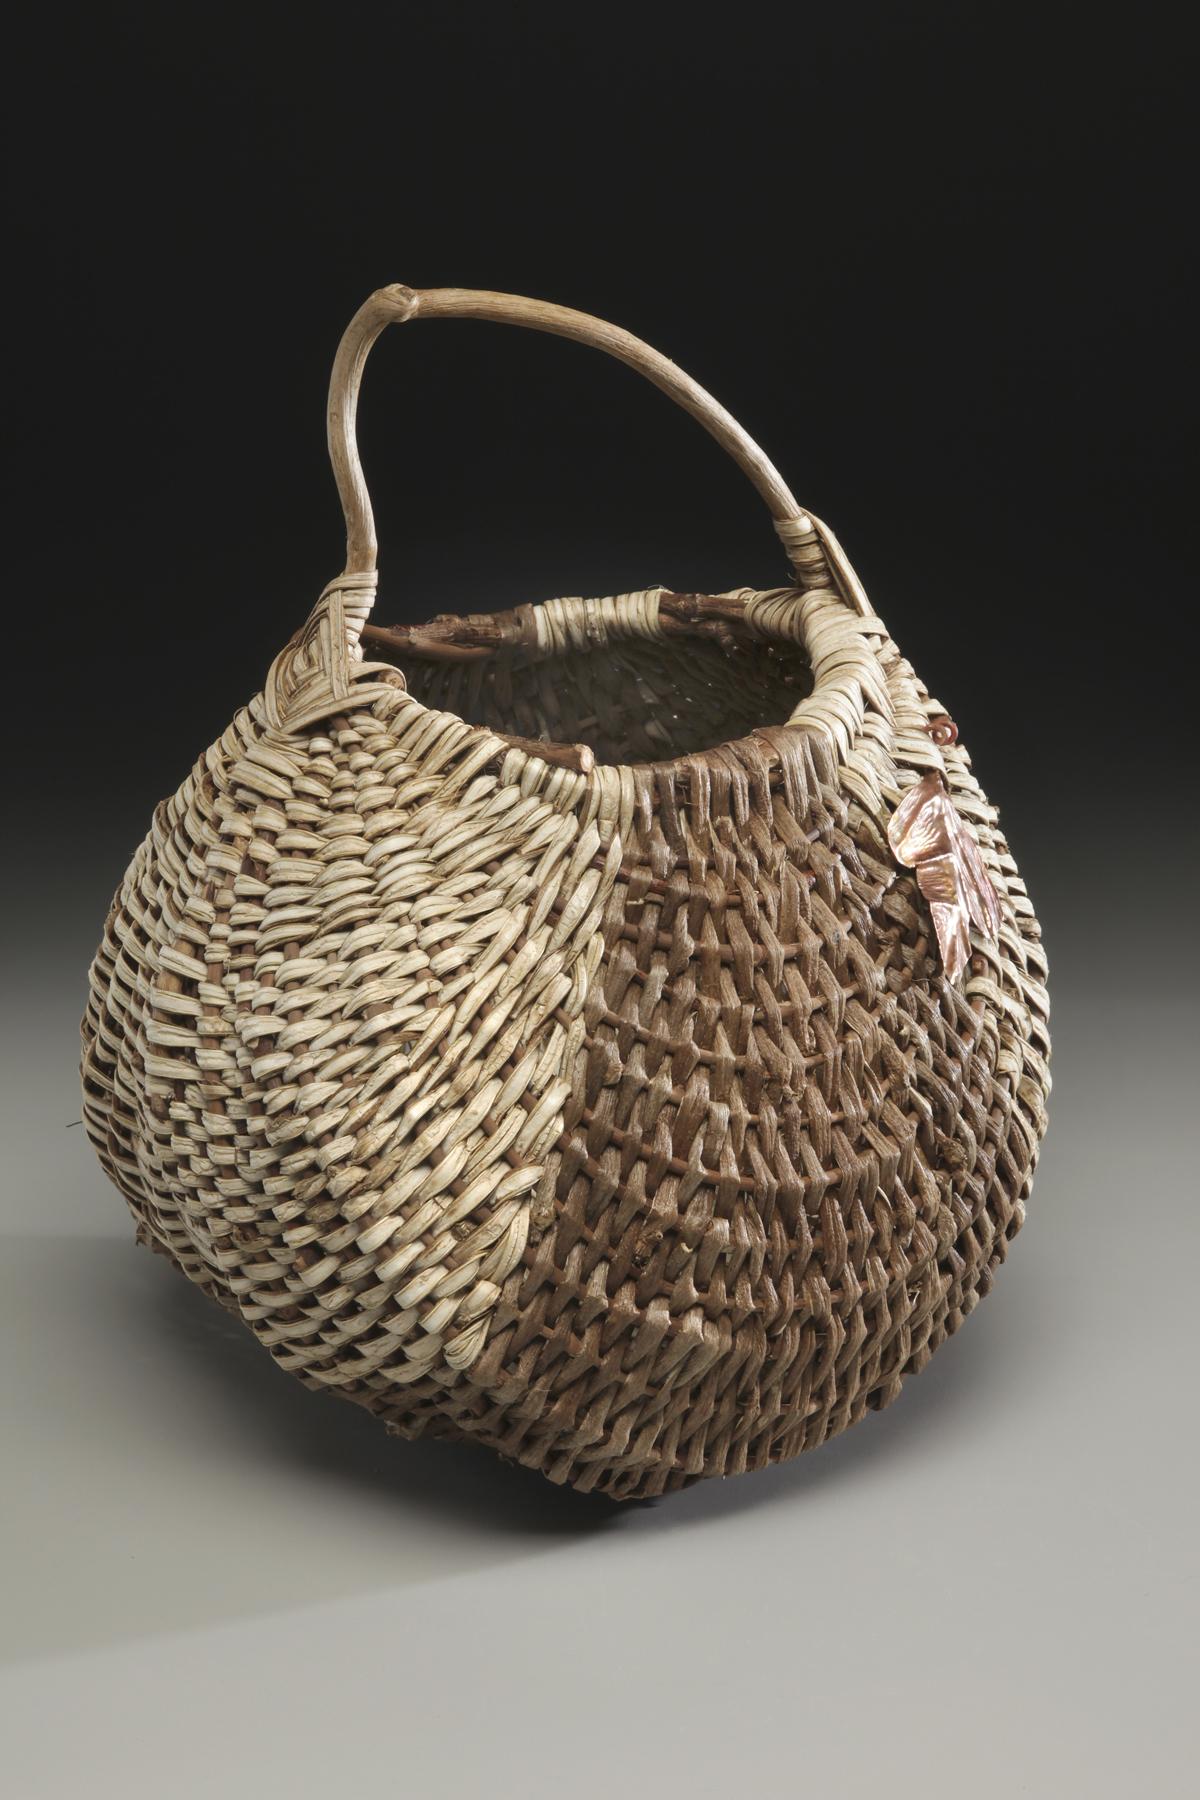 A kudzu basket made in the Appalachian Oriole style by basketmaker Matt Tommey. Photo taken on July 13, 2011.